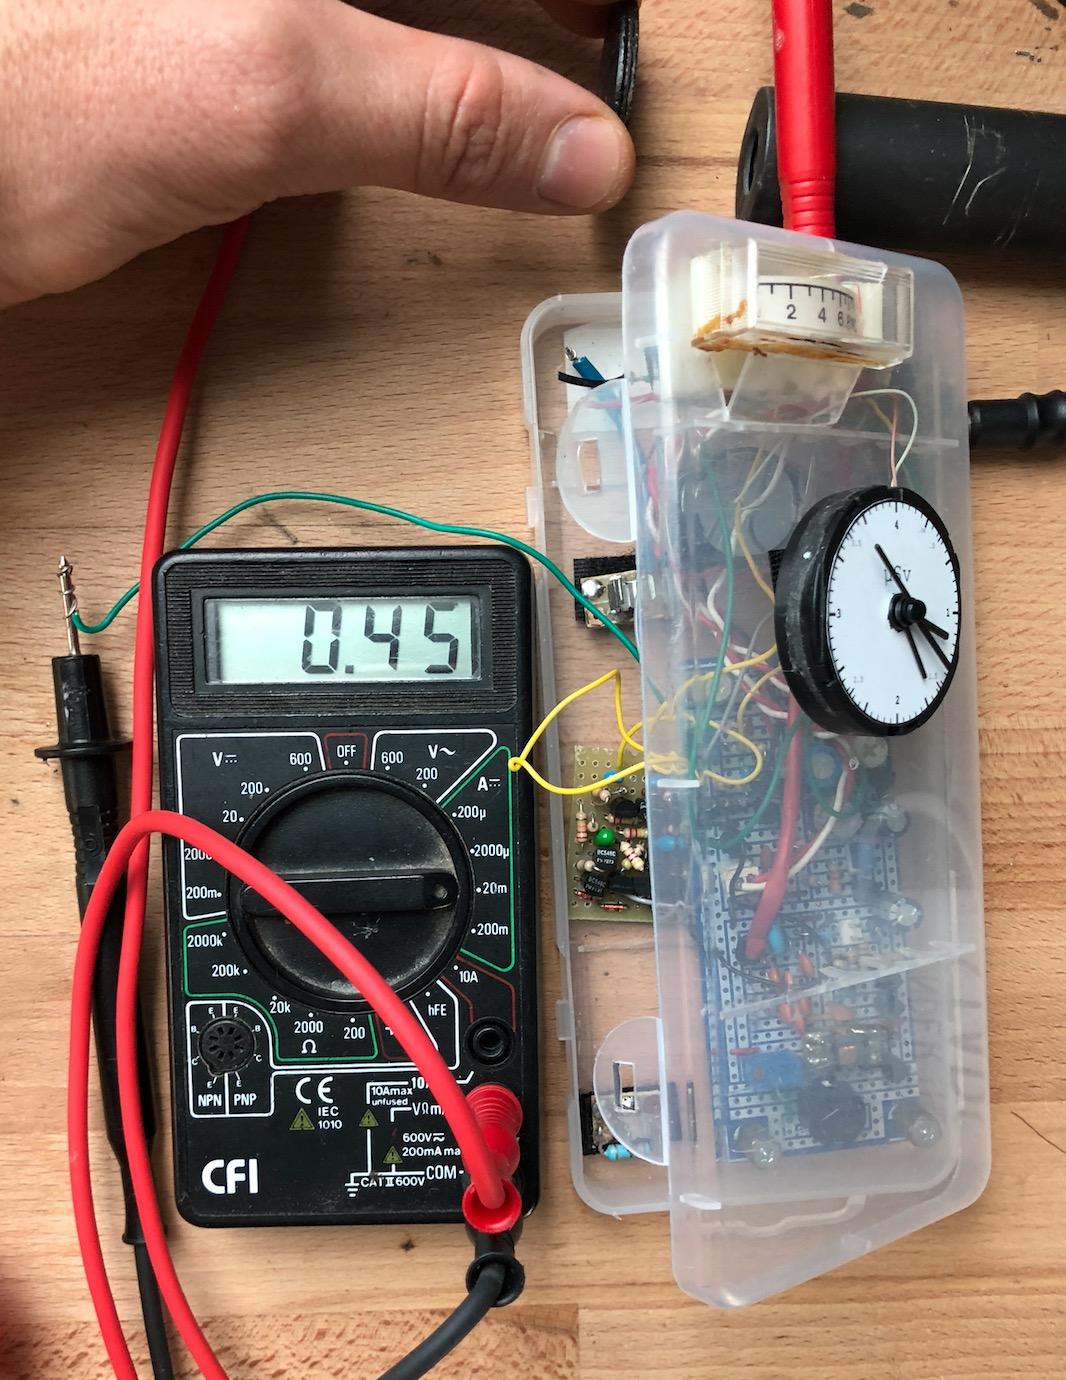 Un projet de compteur geiger à transistors - Page 2 Captu527